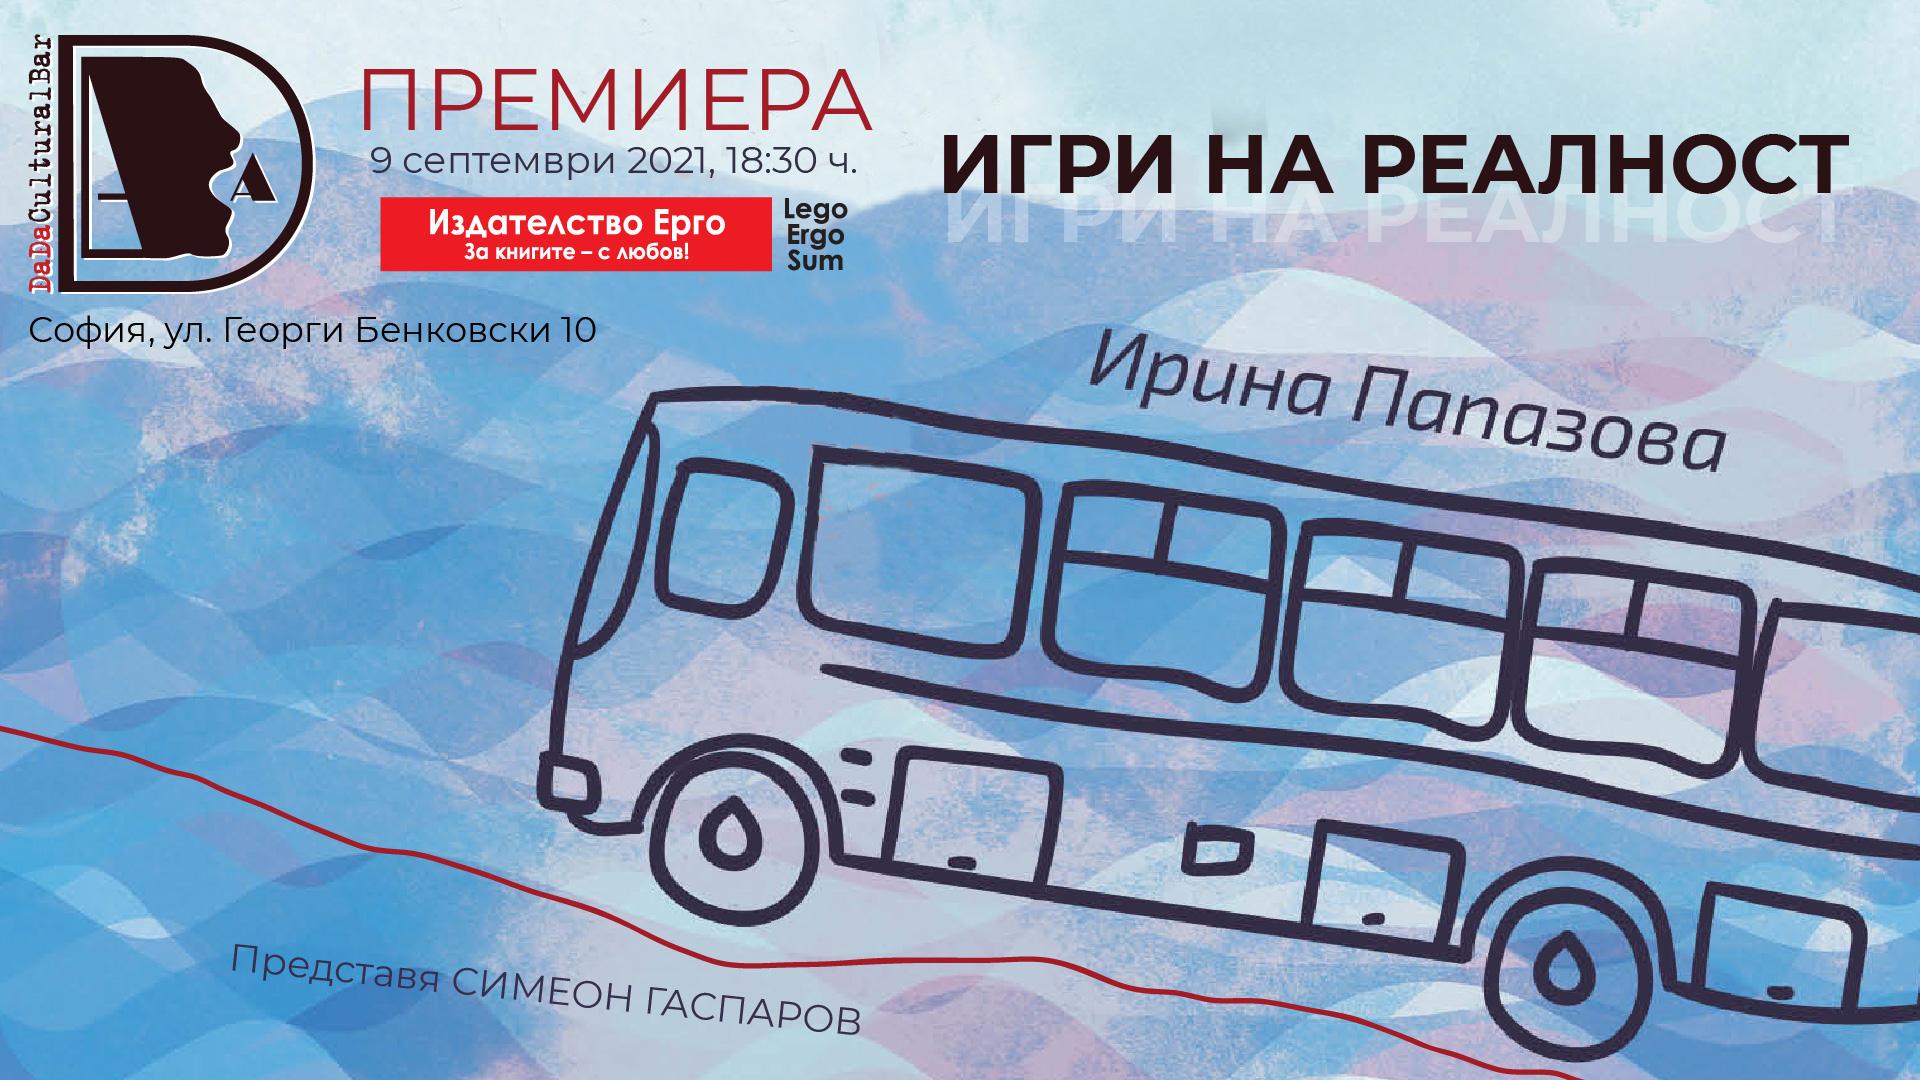 """Премиера на романа """"Игри на реалност"""" от Ирина Папазова"""